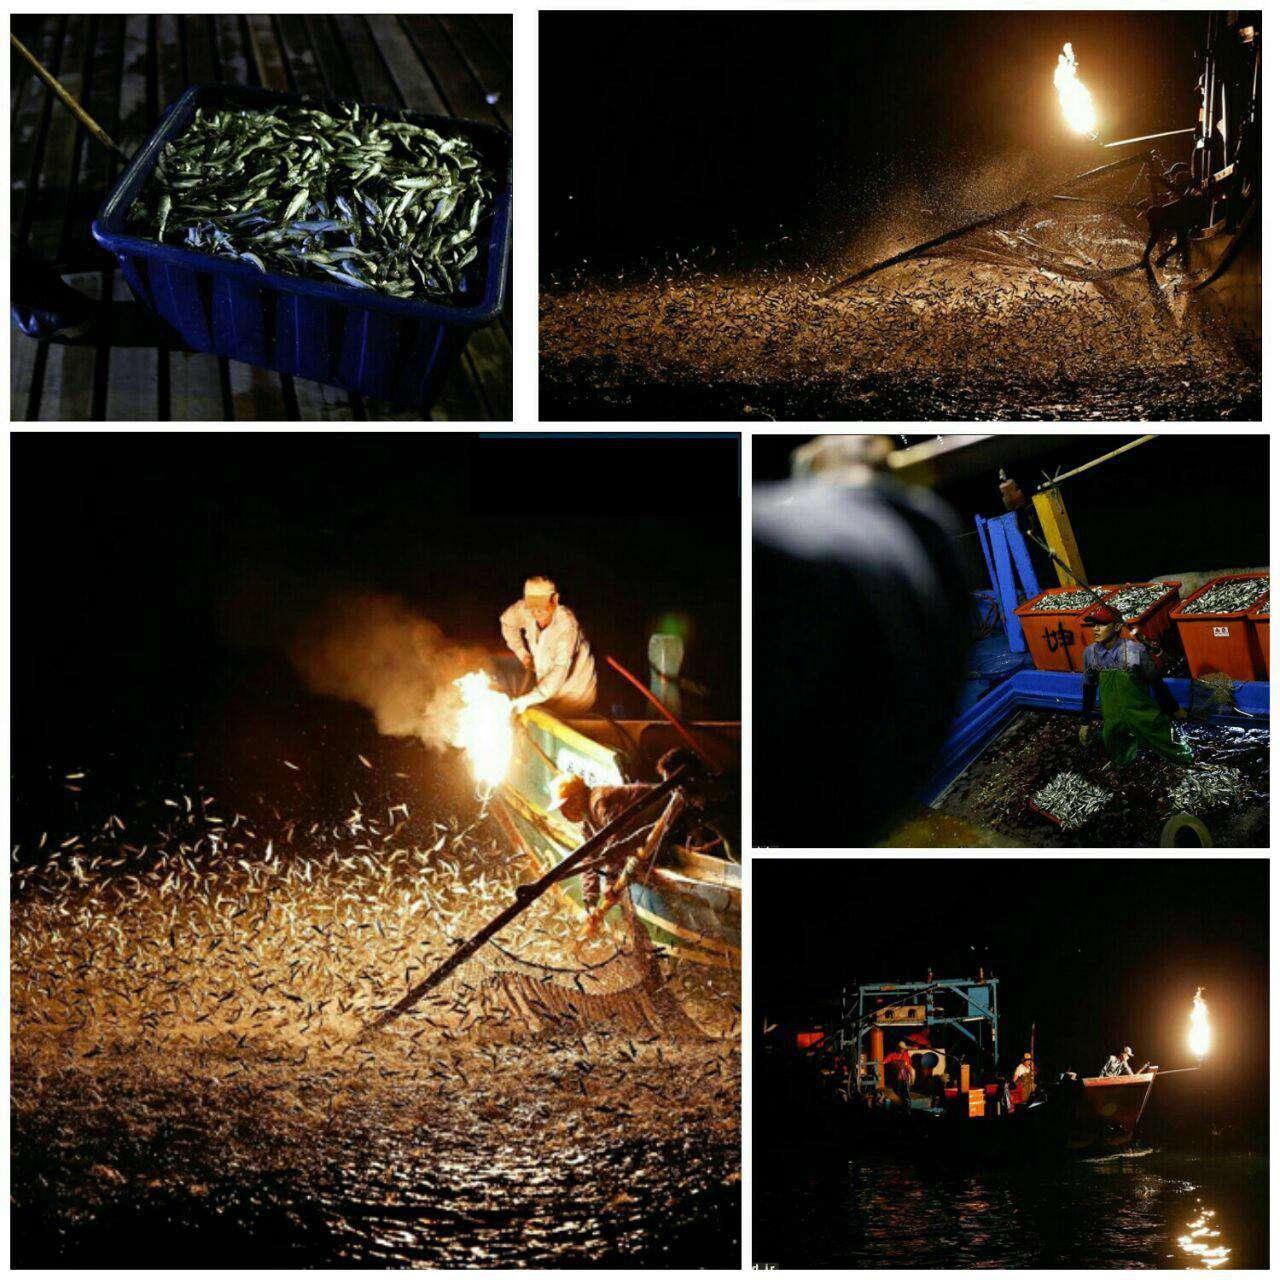 عکس مستند/ صید ماهی با شعلههای آتش!